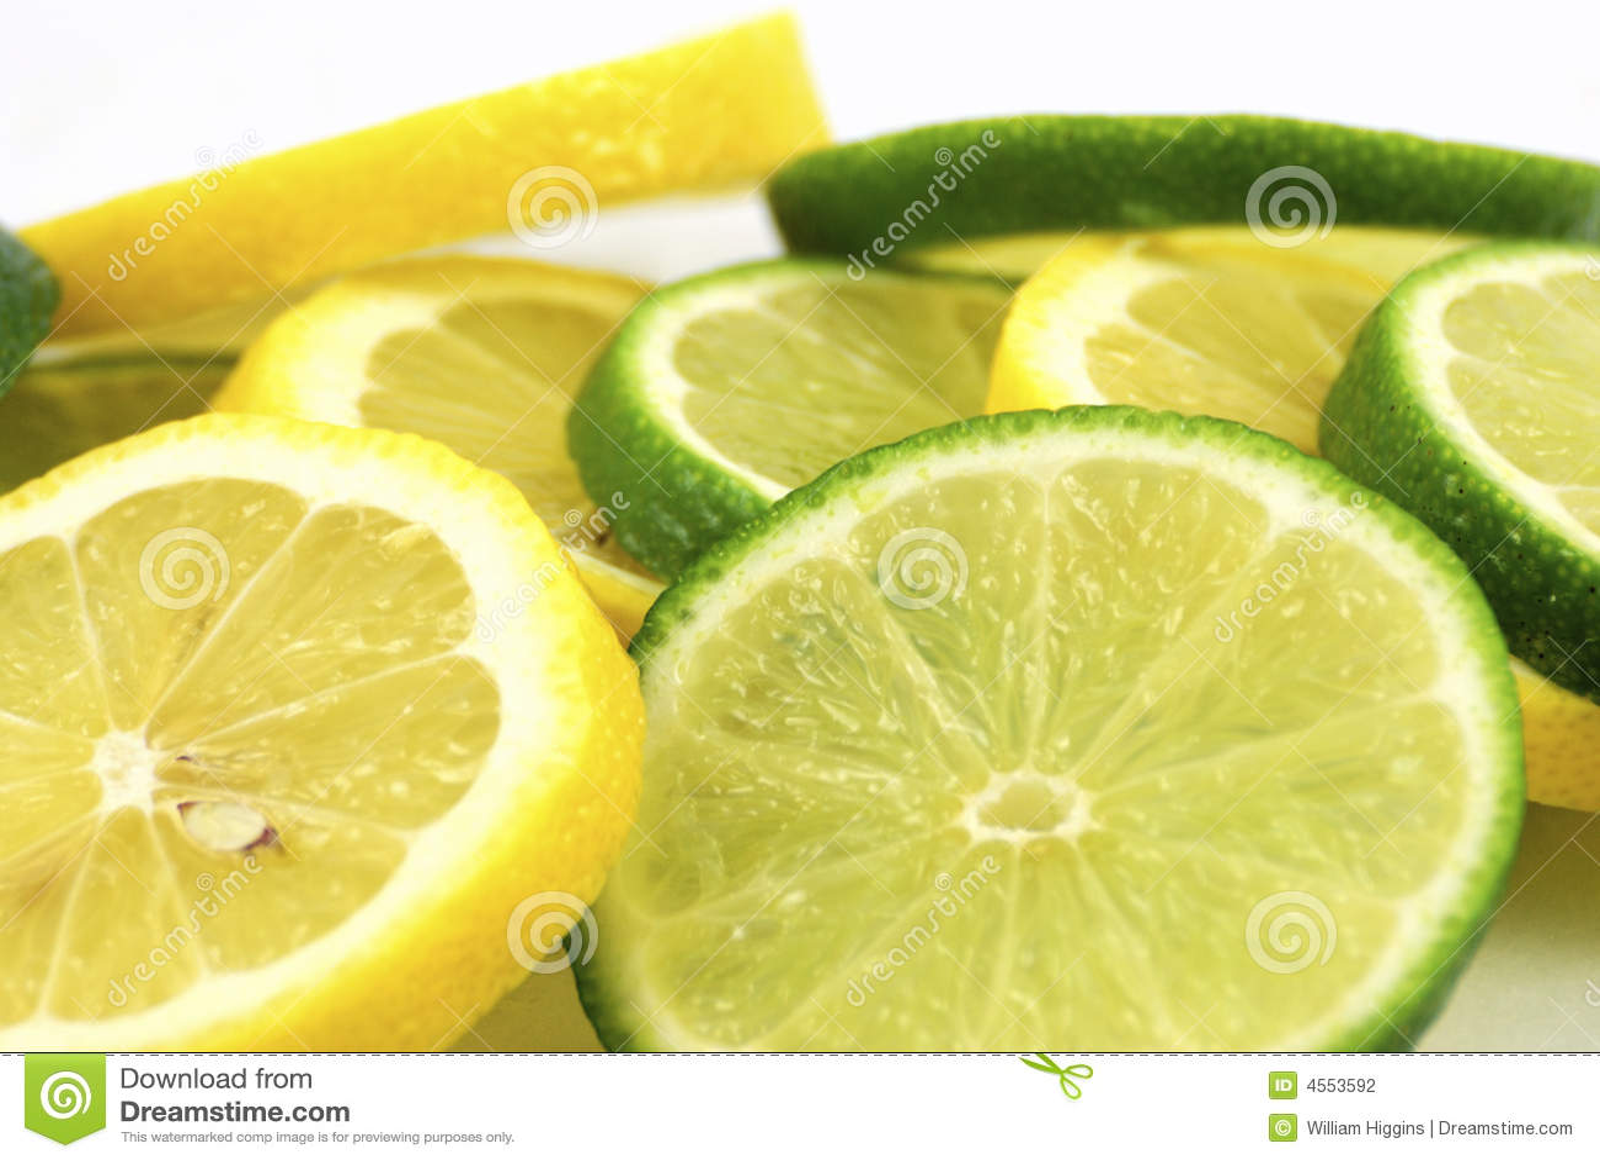 известки лимонов